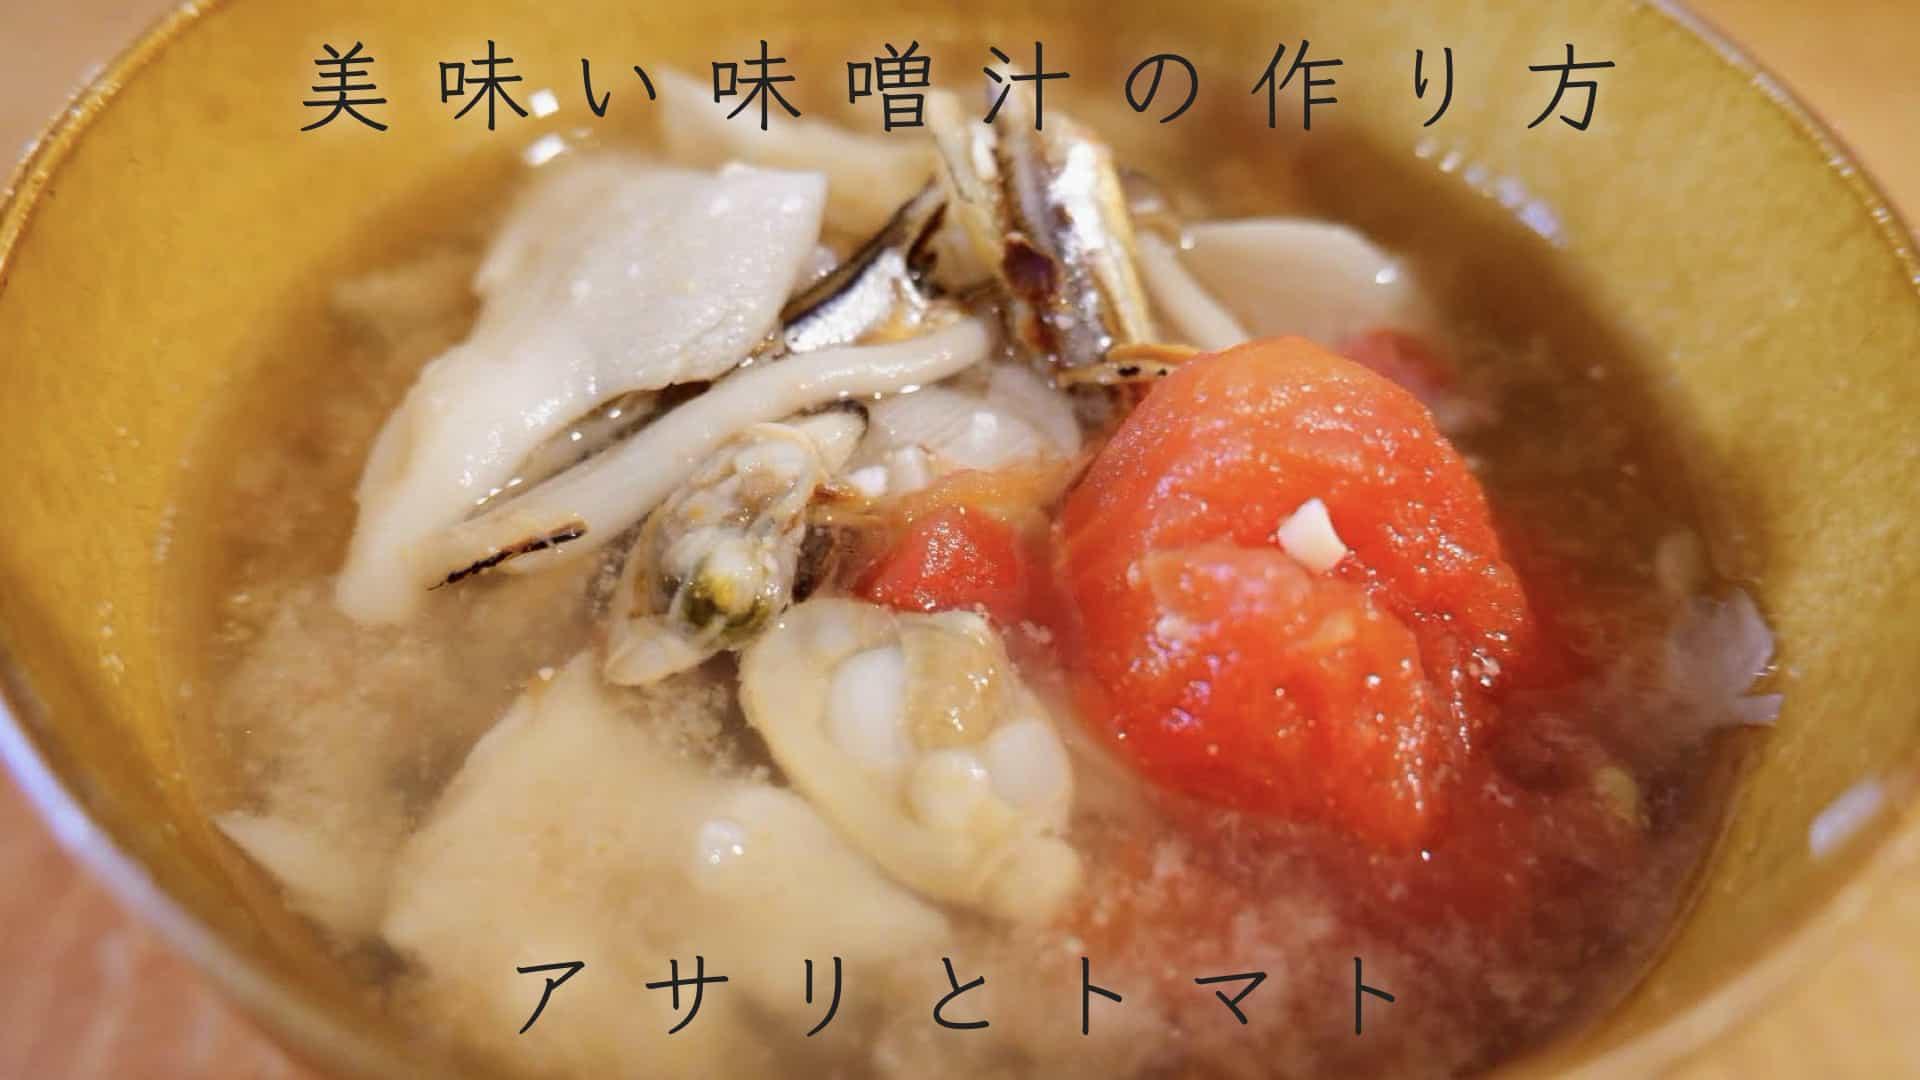 美味い味噌汁の作り方。アサリとトマト。